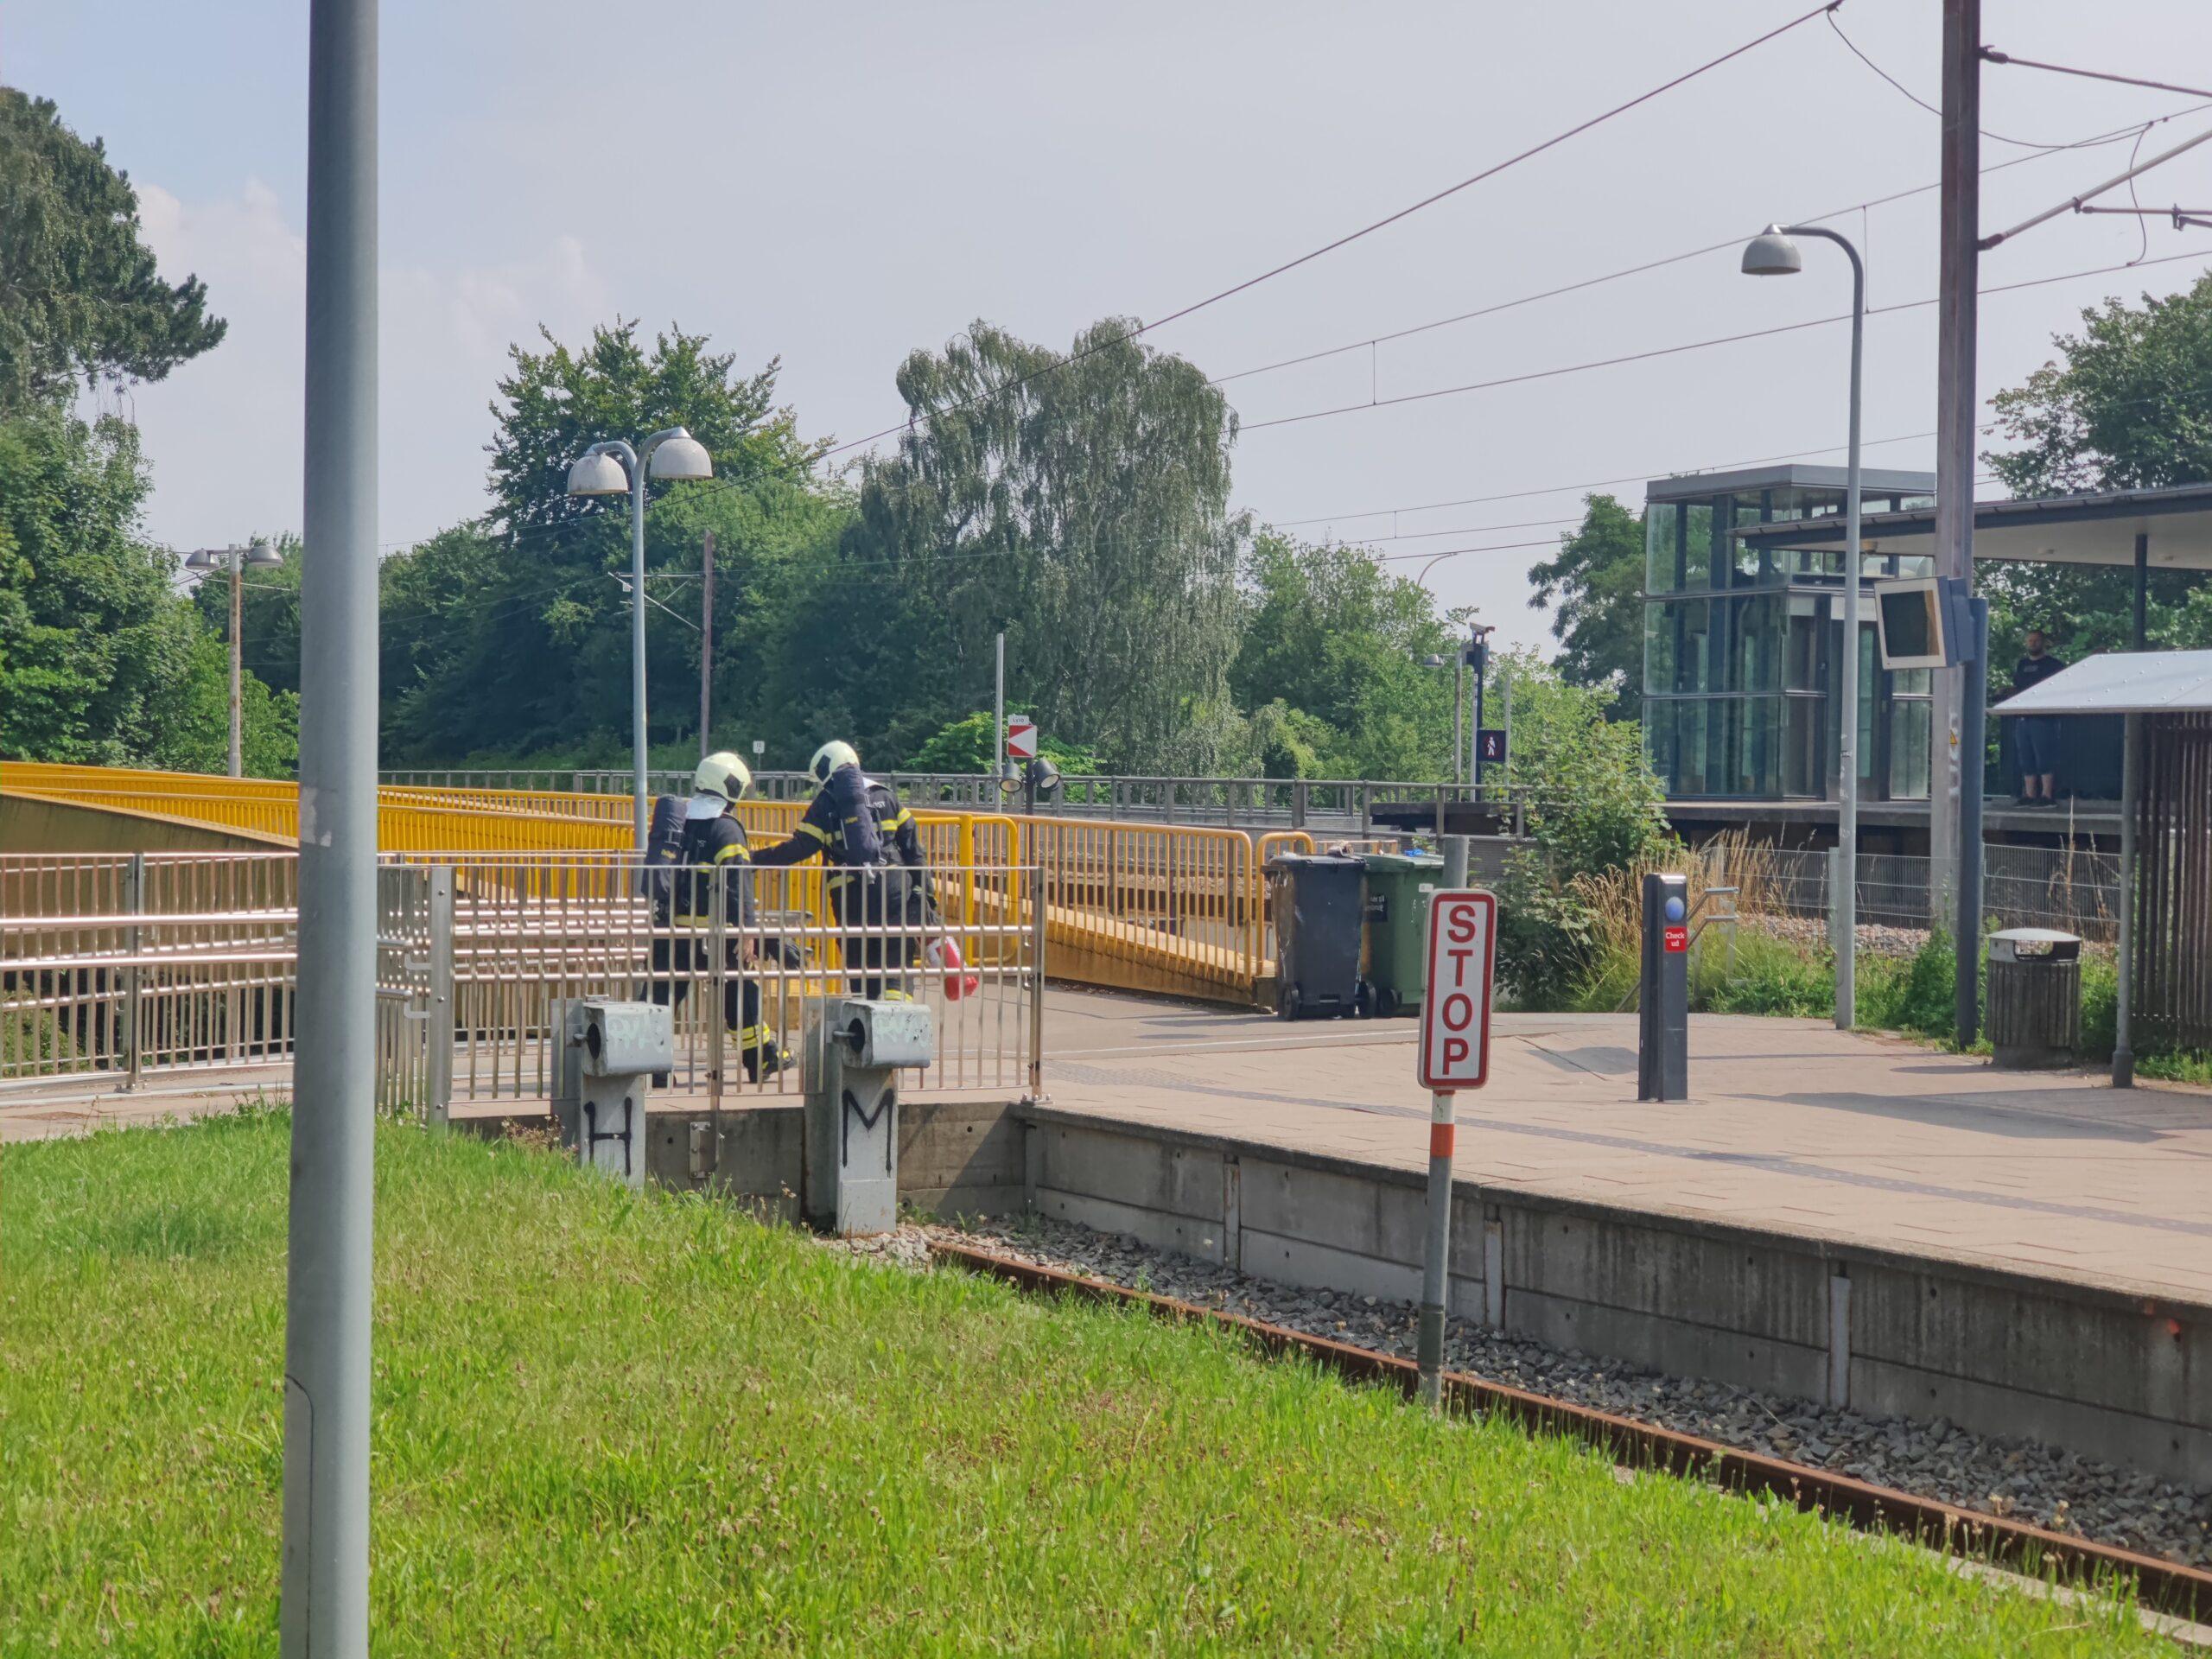 Røg observeret ved S-tog station